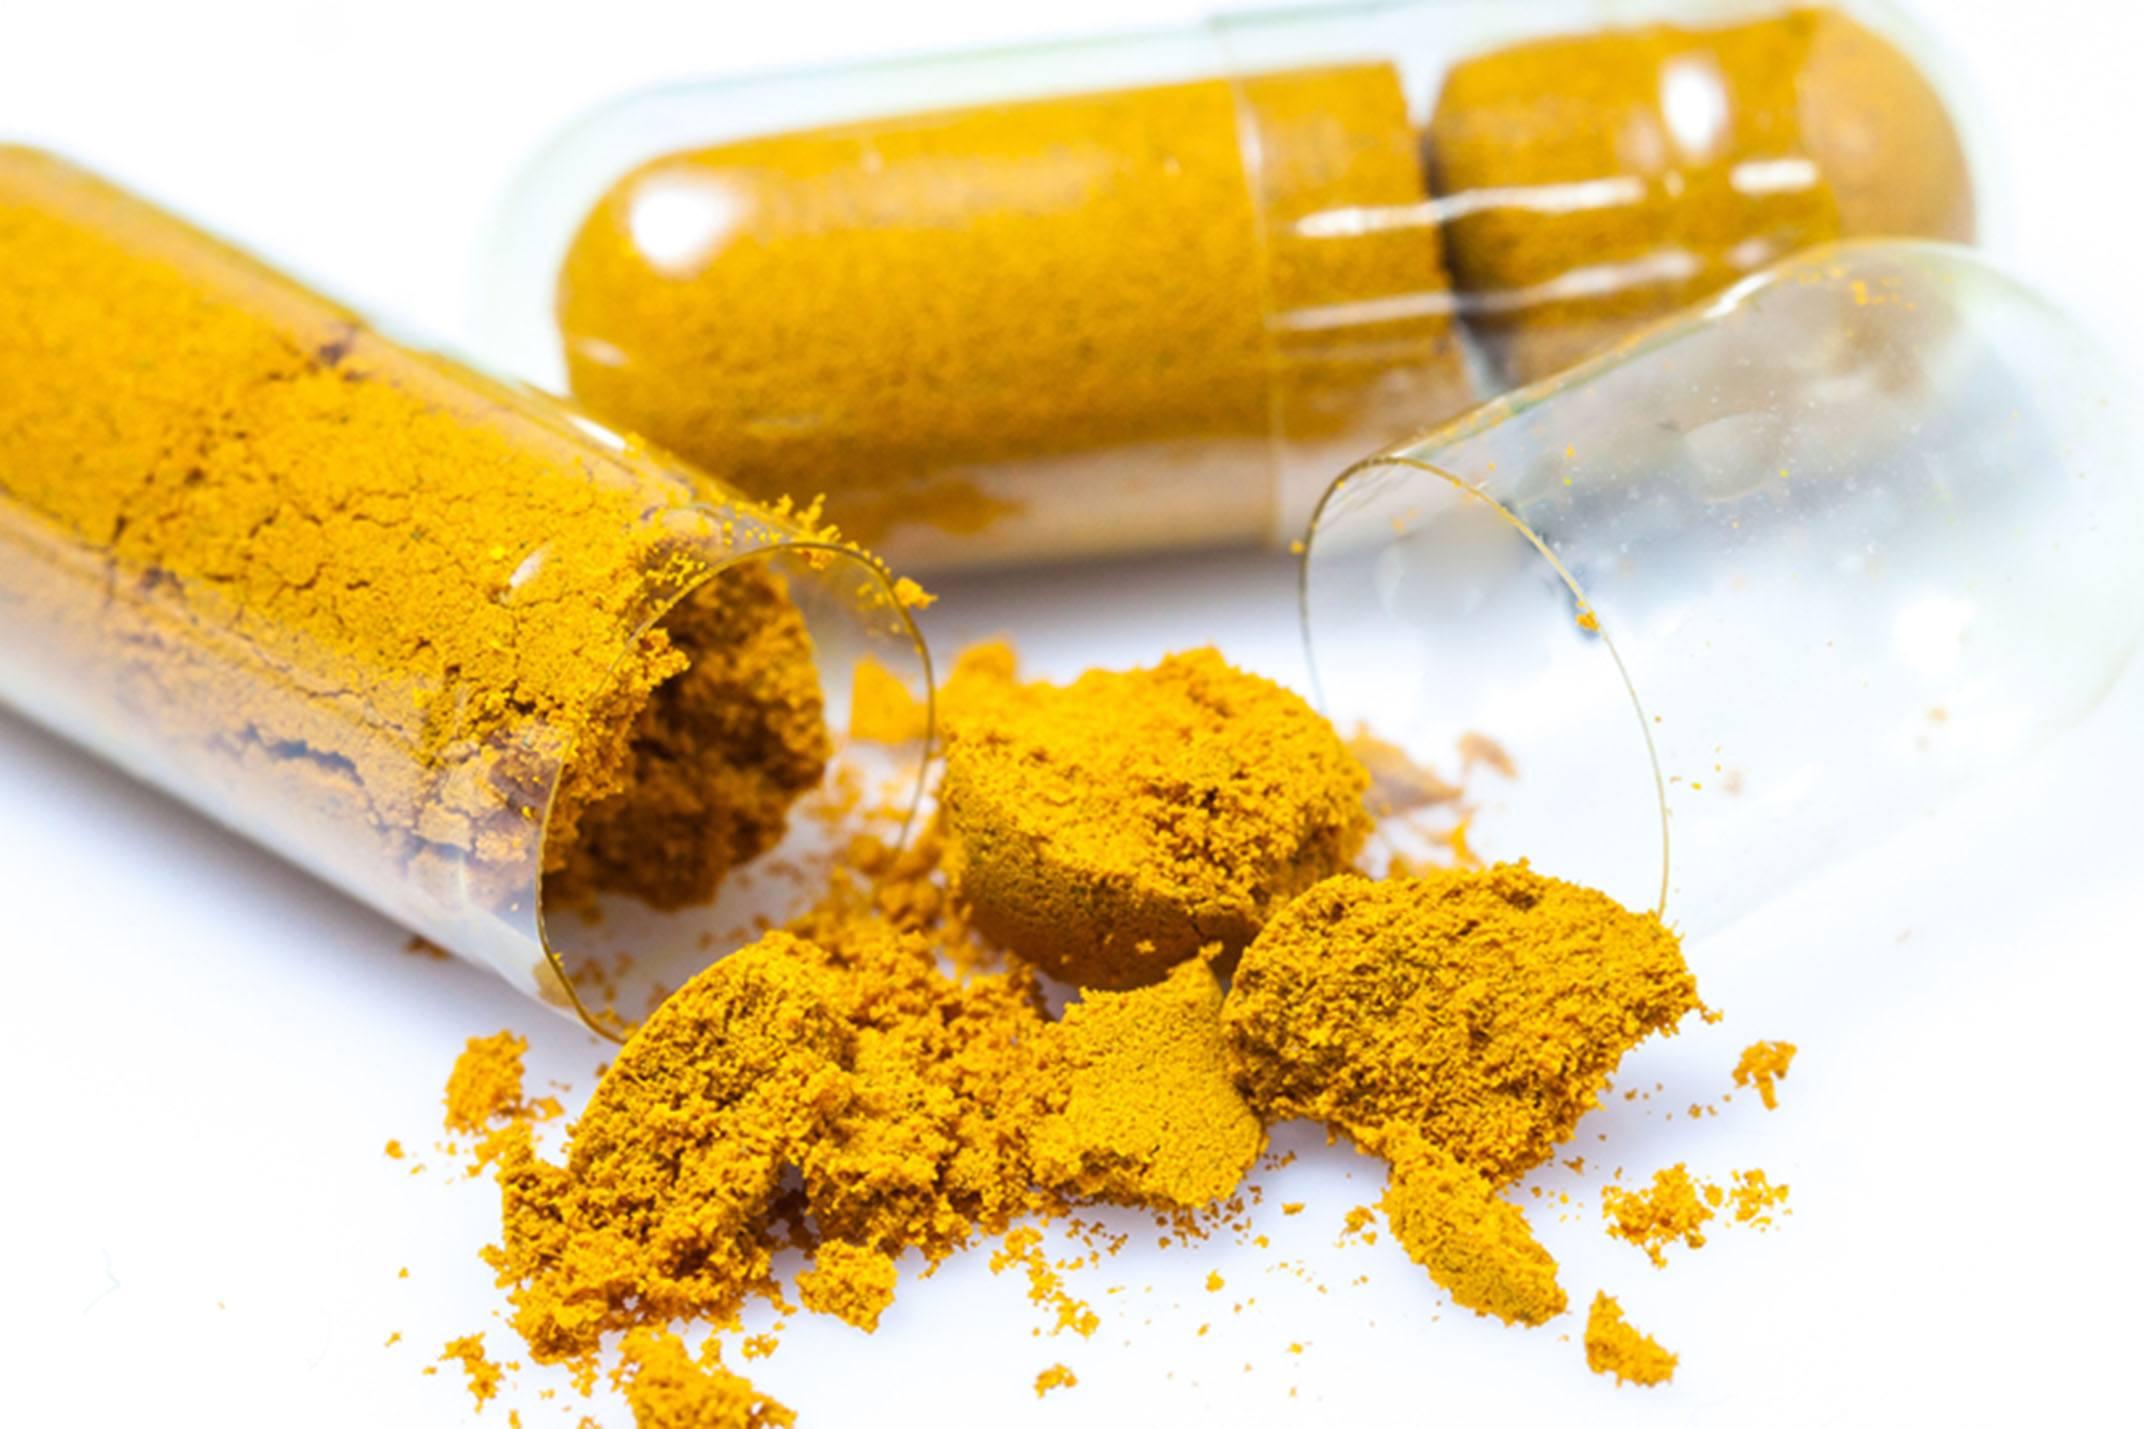 Suplementação de Curcumina Melhora os Marcadores Lipídicos e a Concentração de Ácido Úrico em Pacientes com DHGNA